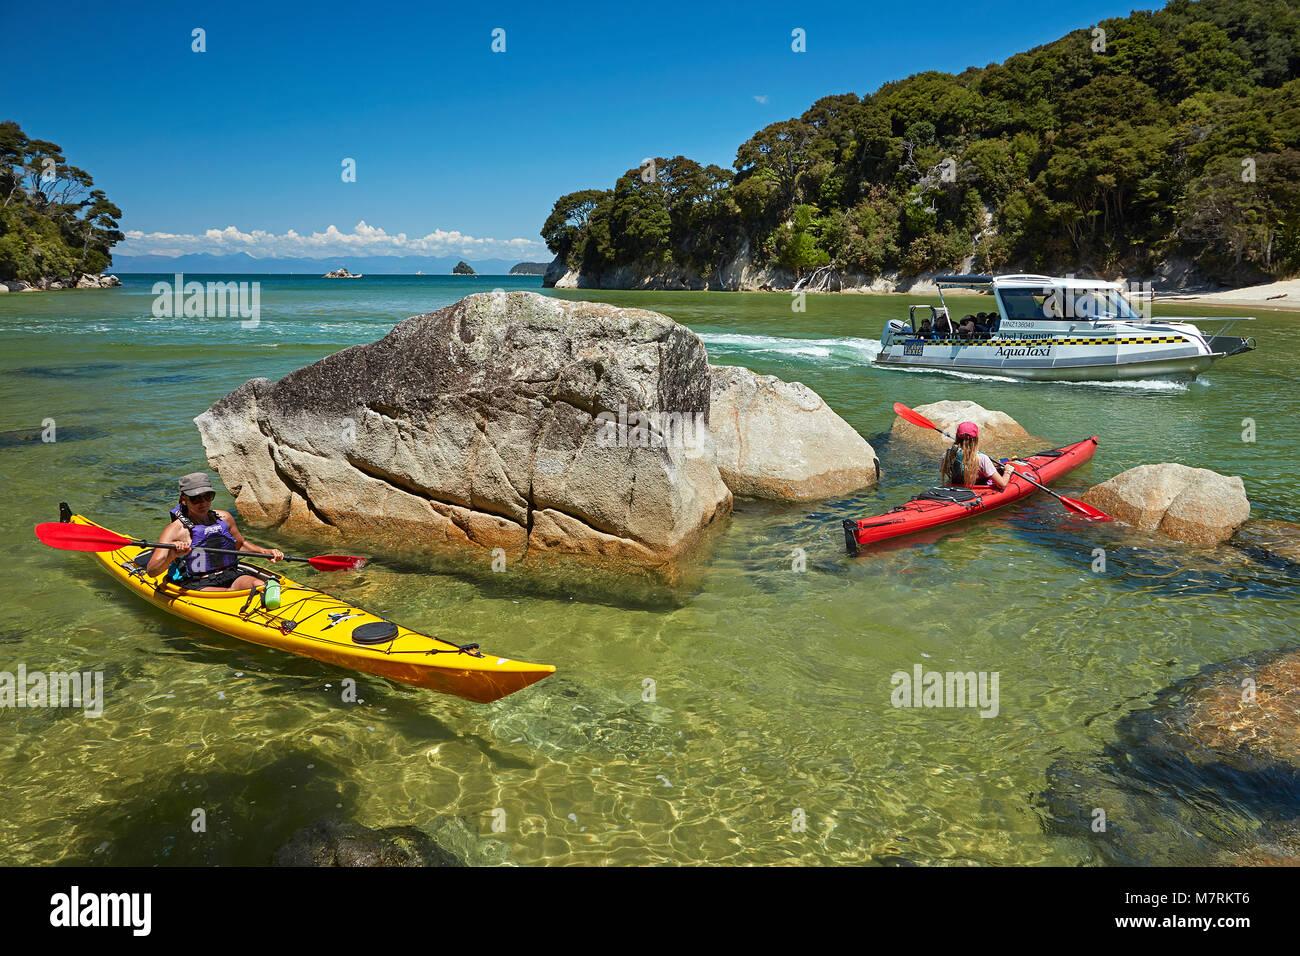 Los palistas y taxi acuático, Bahía de mosquitos, Parque Nacional de Abel Tasman, Nelson, Isla del Sur, Nueva Zelanda (modelo liberado) Foto de stock